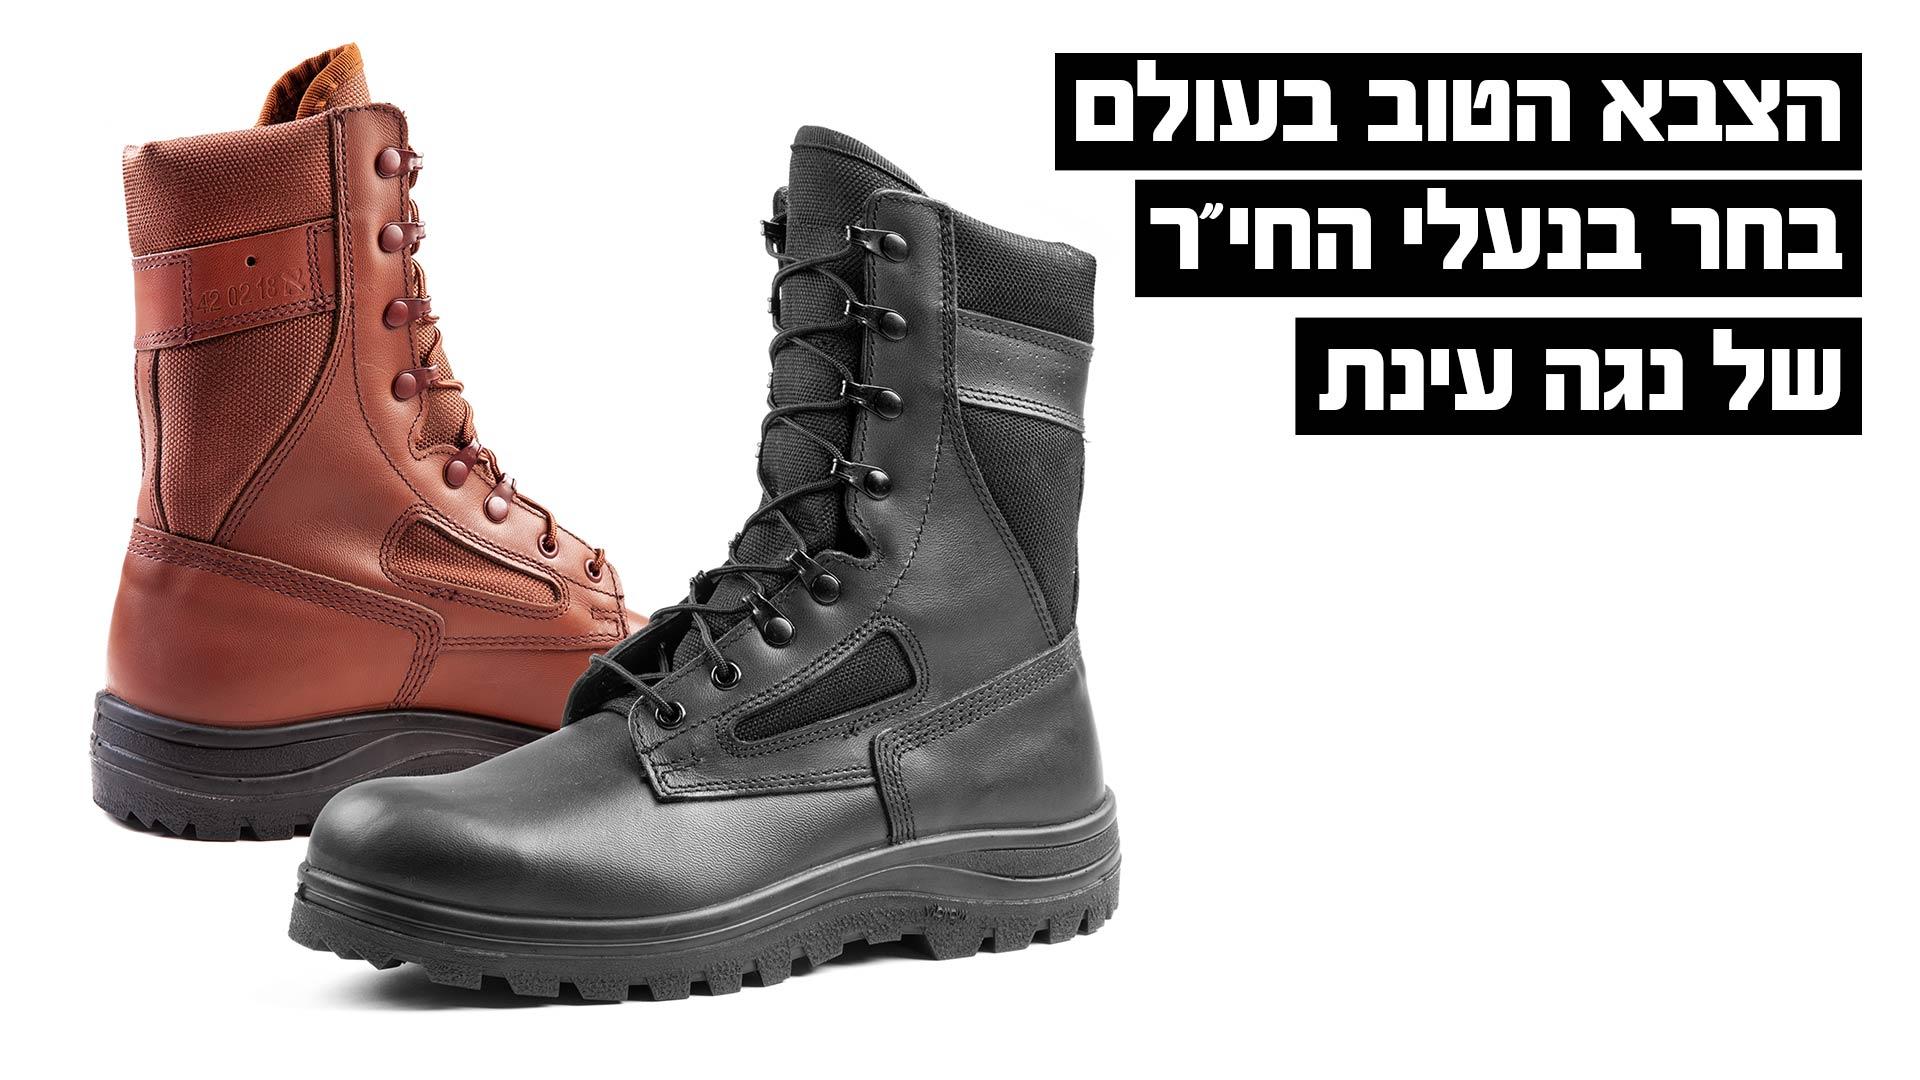 מותג חדש נגה עינת תעשיות נעליים בע״מ | ברוכים הבאים לאתר של נגה עינת תעשיות VF-58